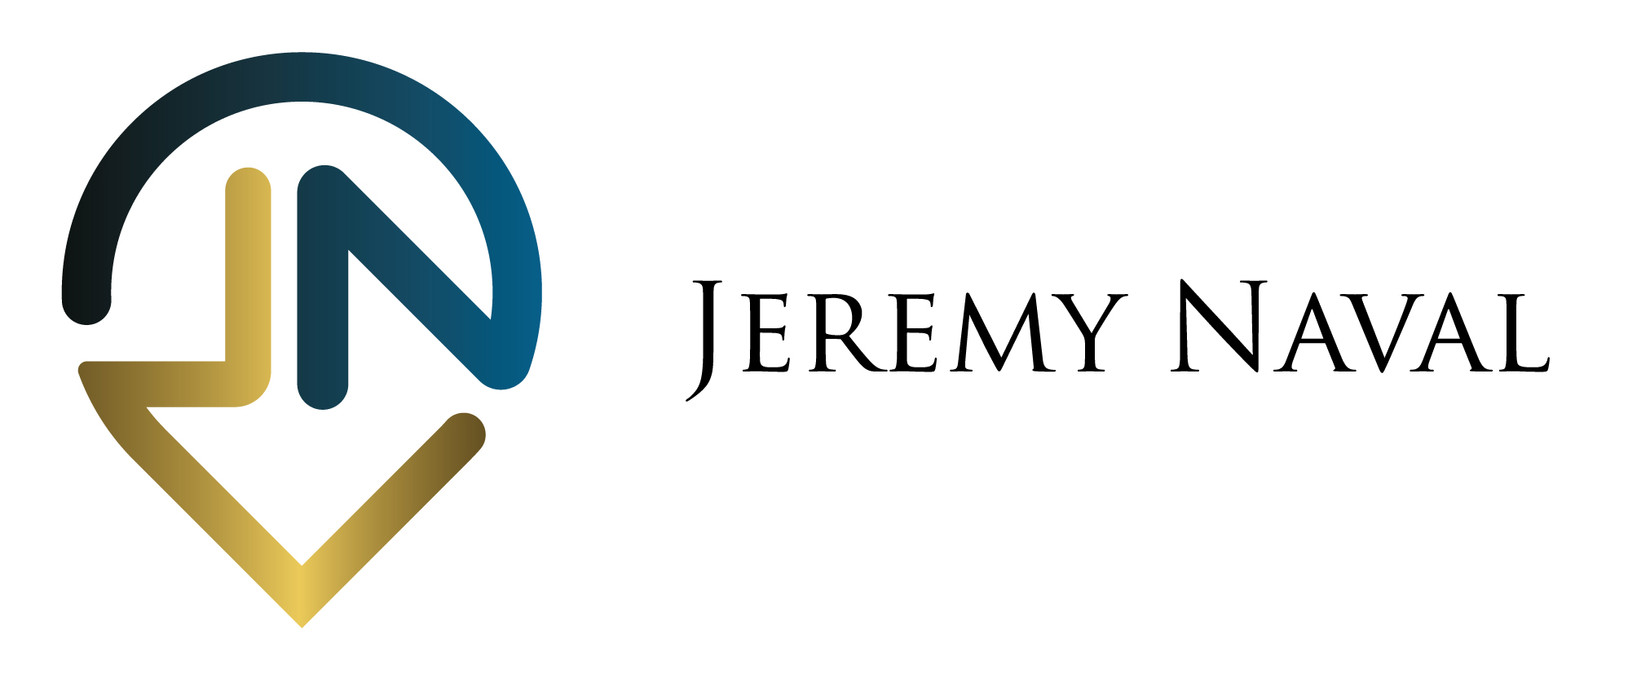 Jeremy-Naval-side.jpg